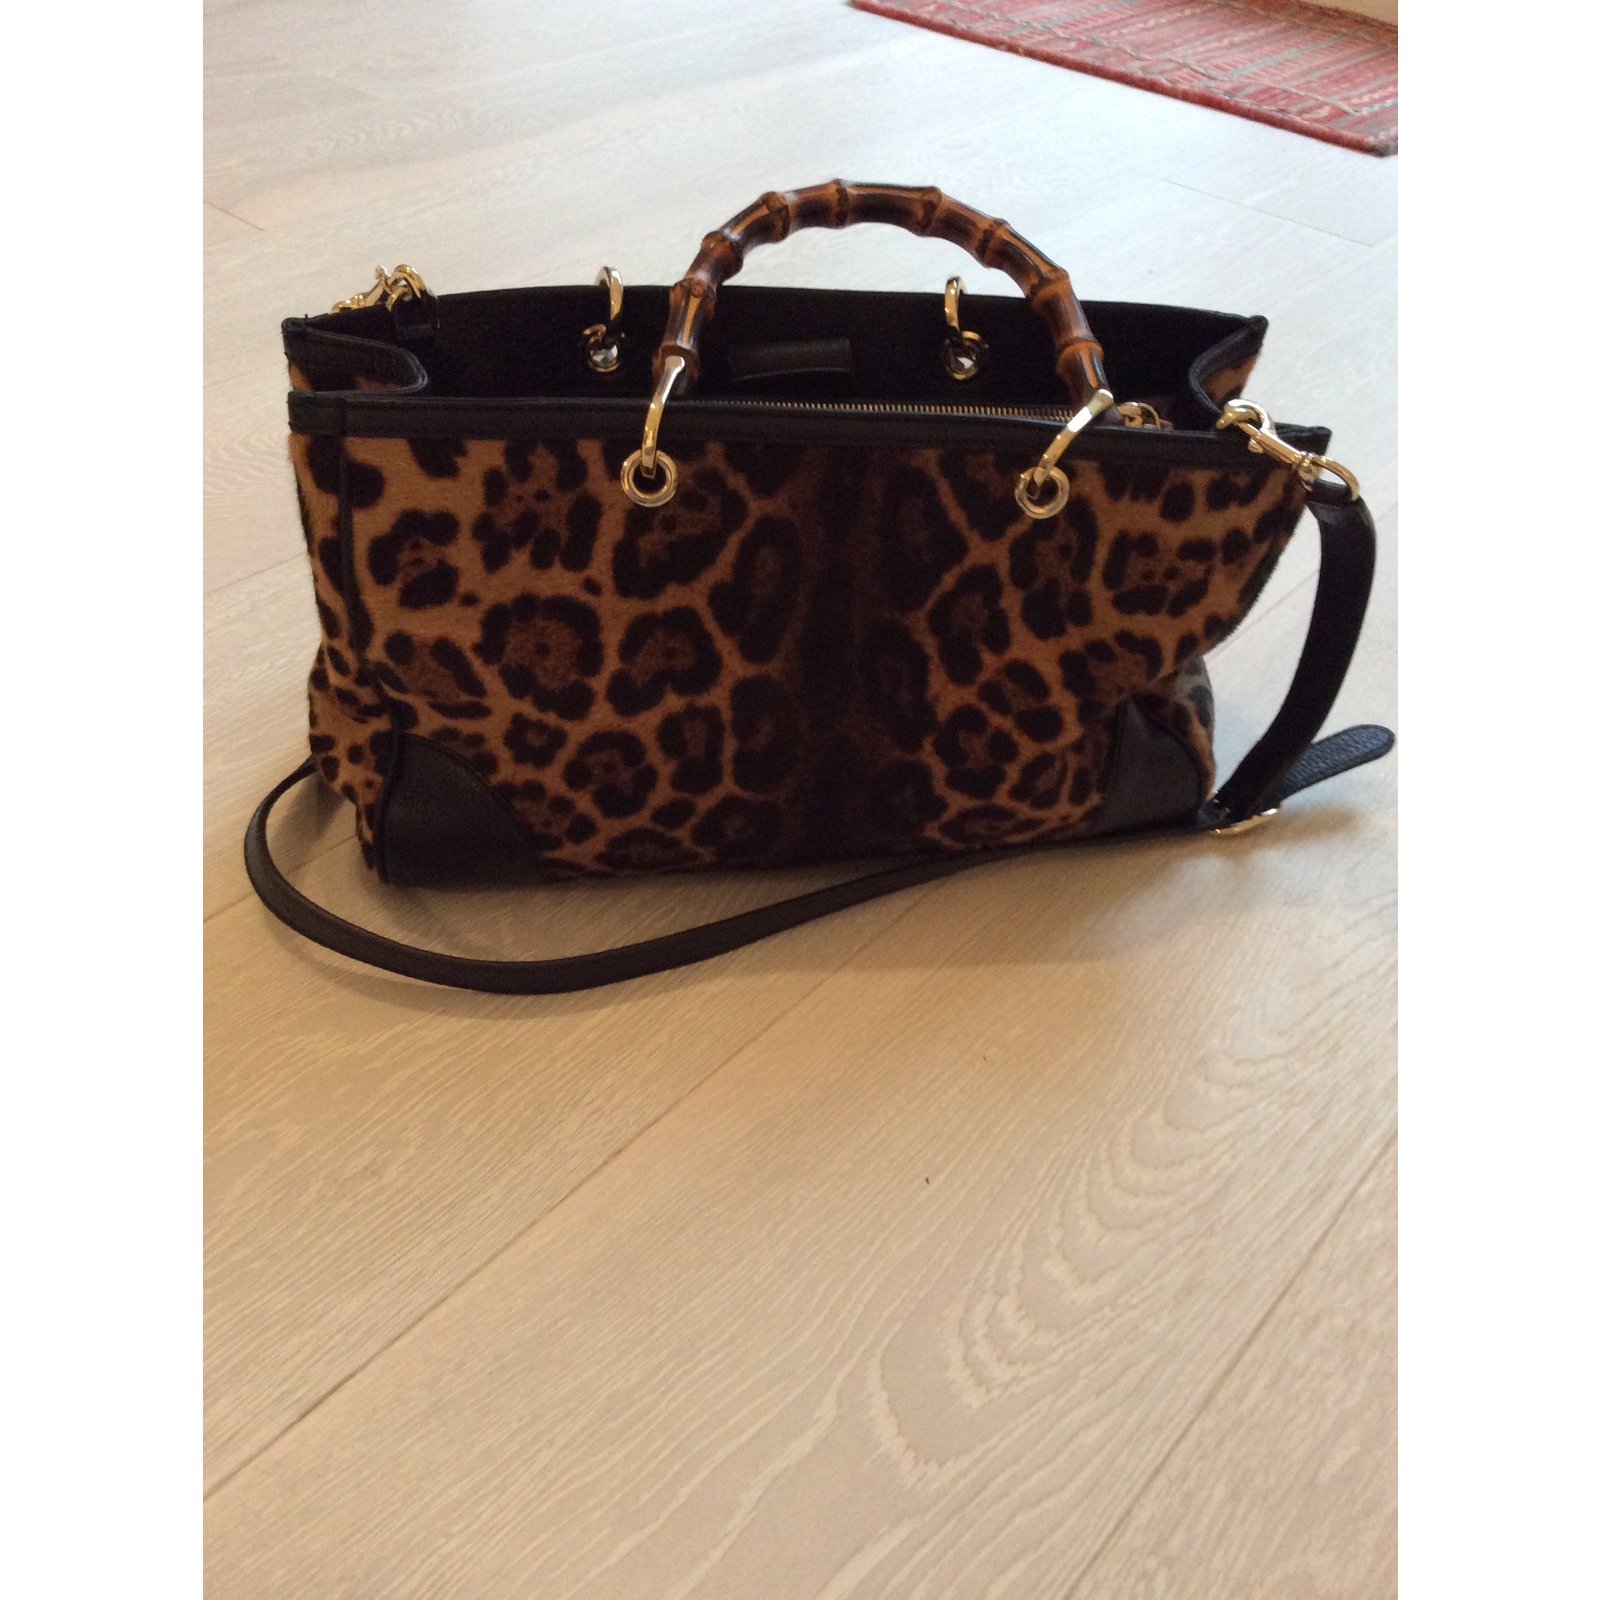 d2986ad89592 Cabas Gucci sac cabas bamboo shopper Cuir Imprimé léopard ref.13905 - Joli  Closet